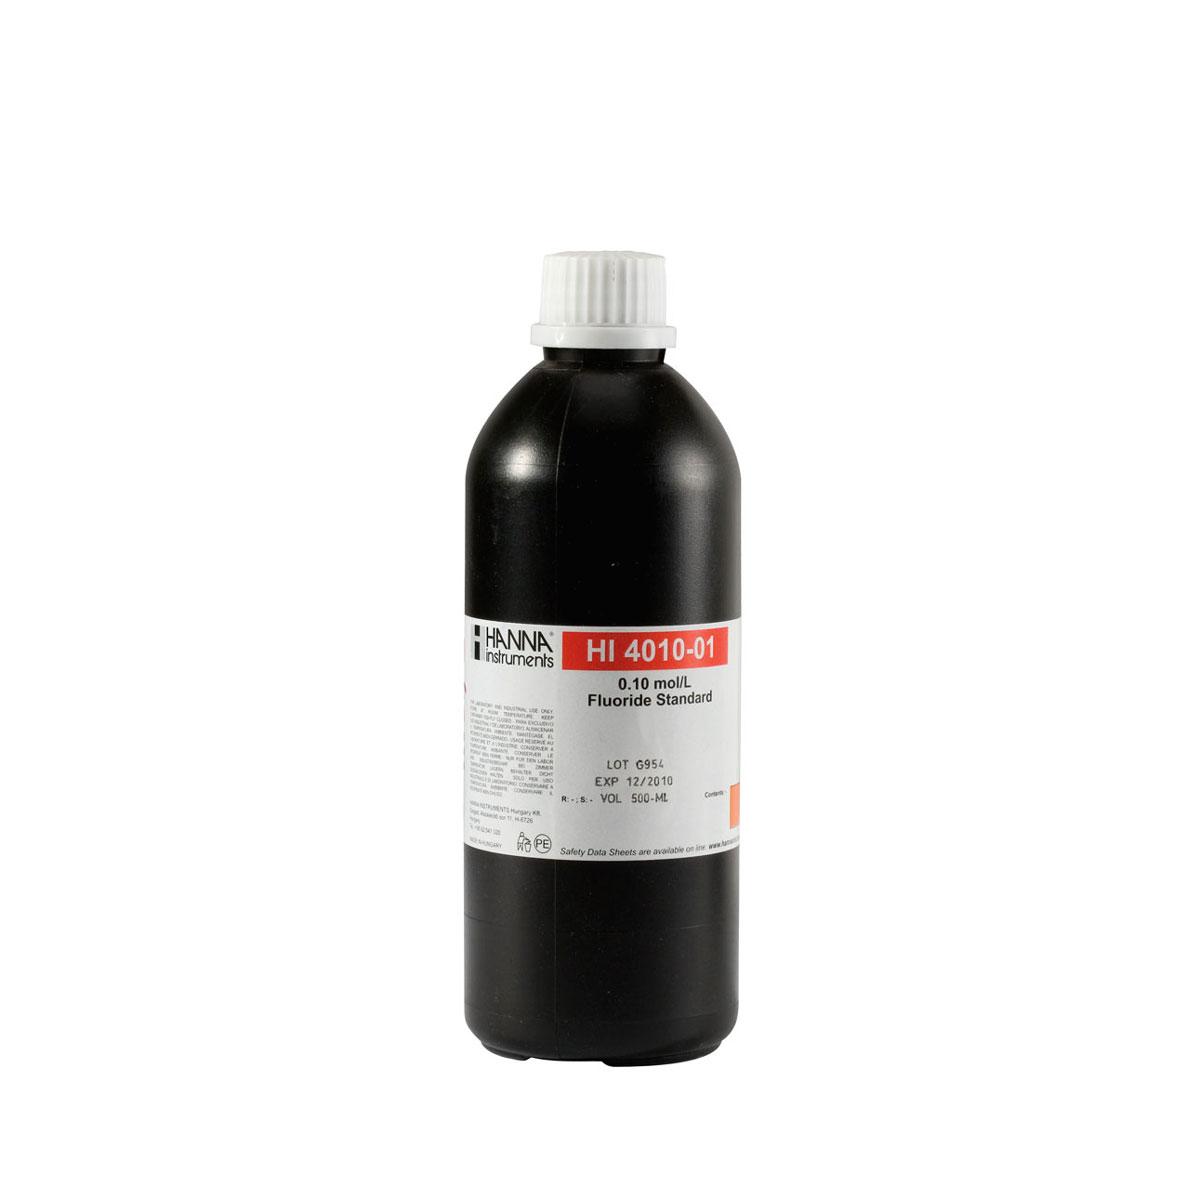 Solución Estándar de Fluoruro 0.1M para ISE (500mL) - HI4010-01